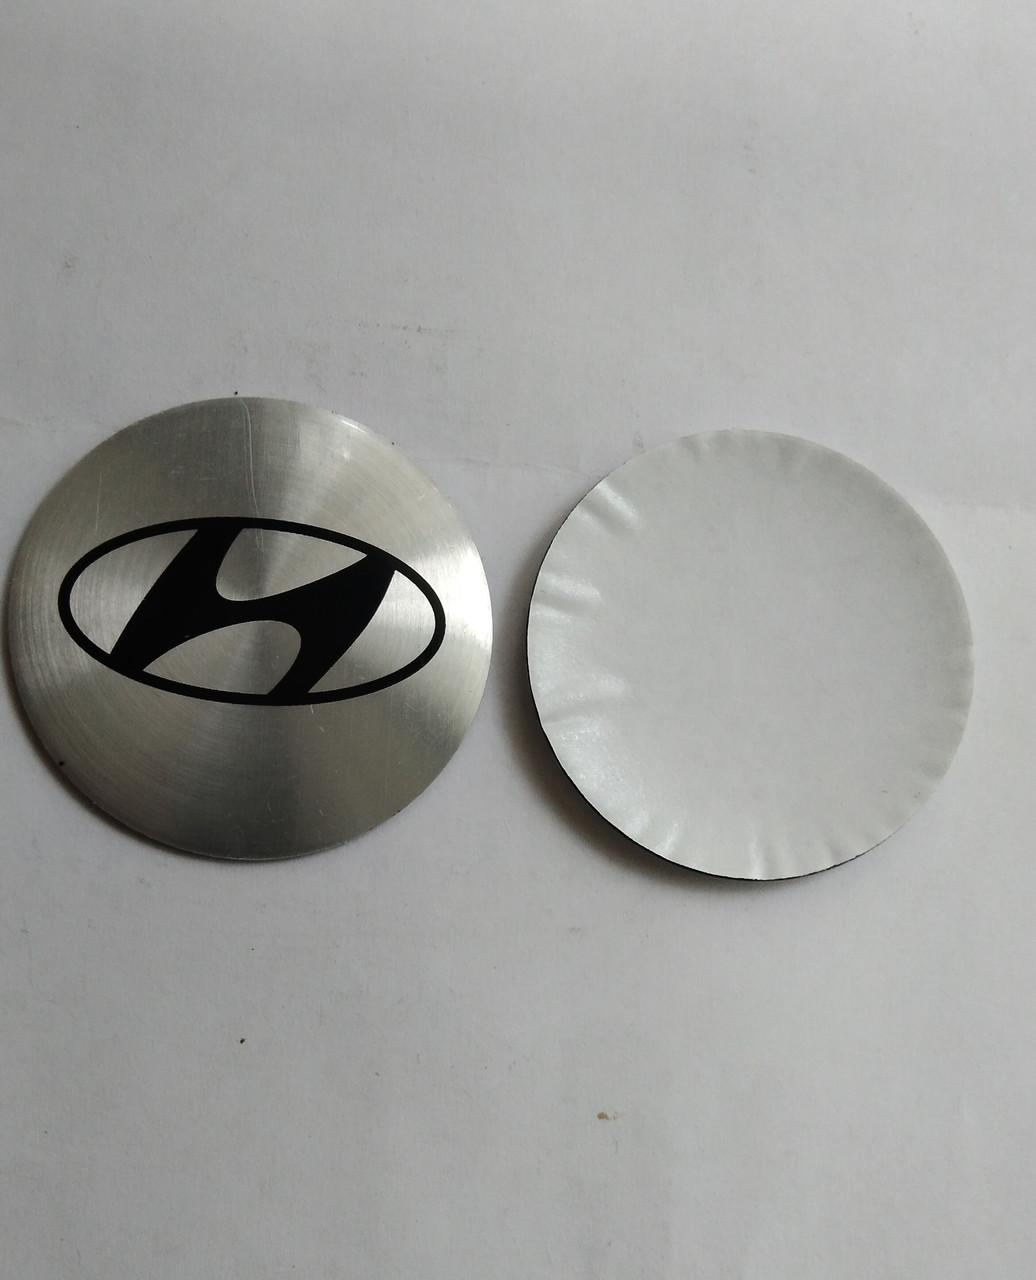 Наклейки на ковпачки Hyundai срібло / чорний лого 56 мм